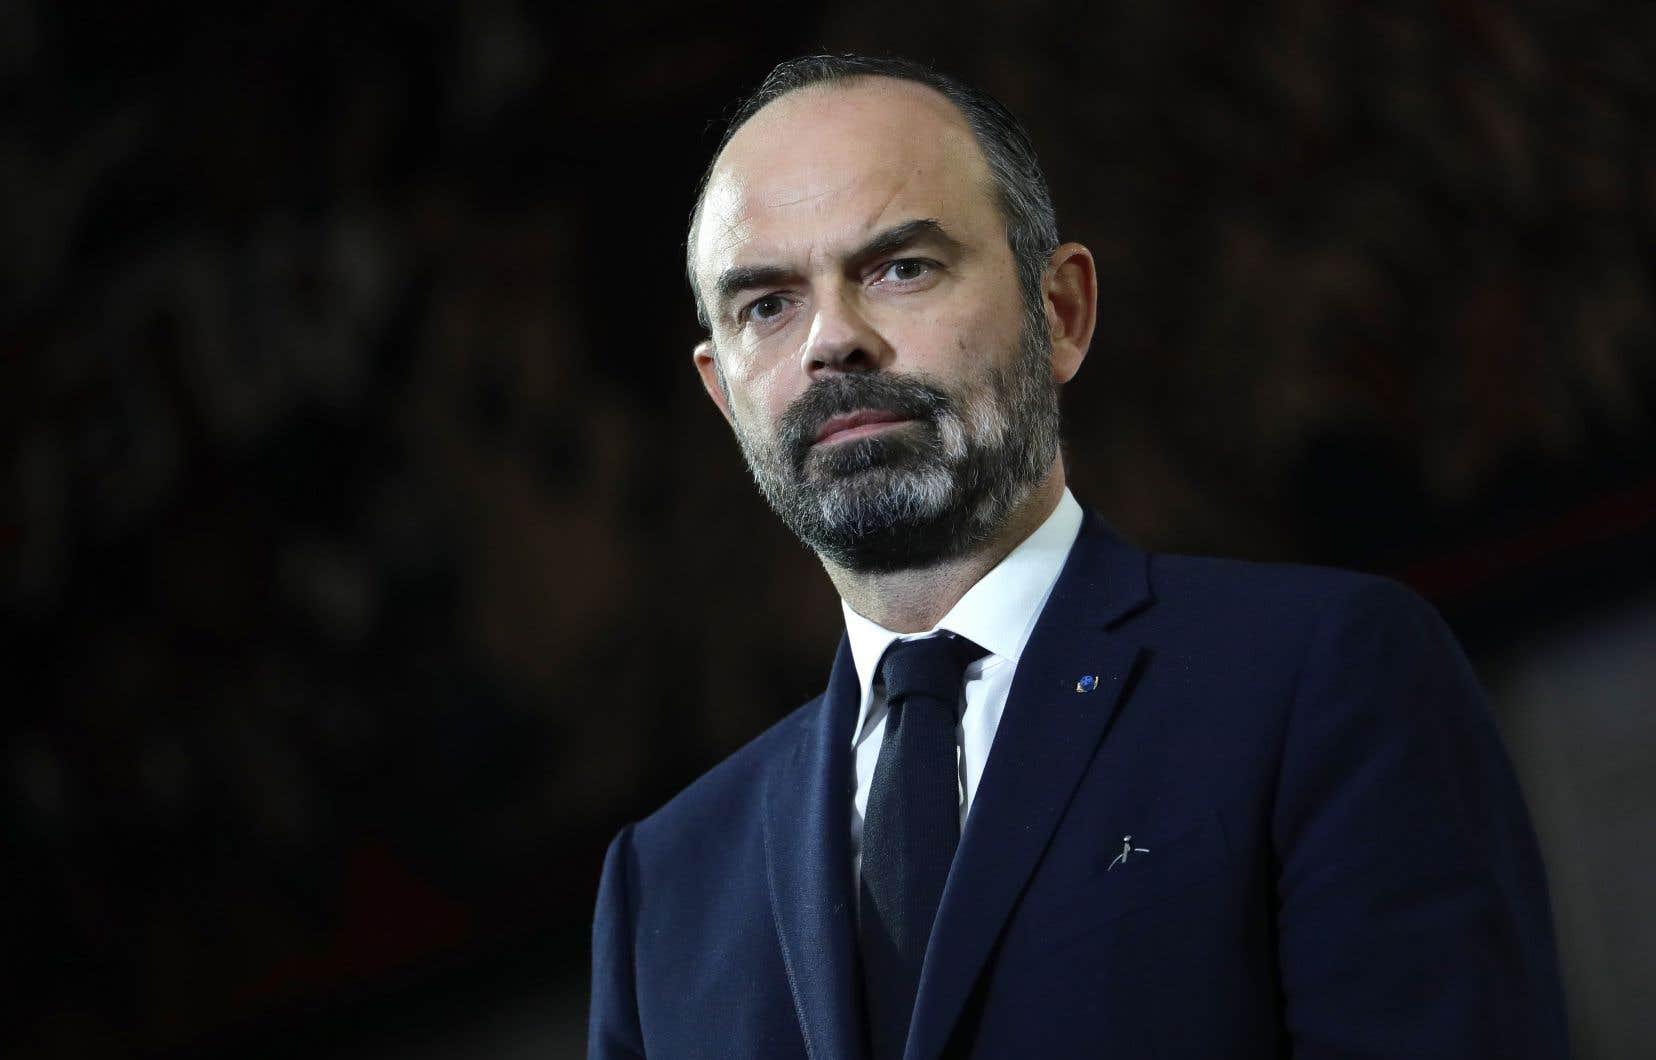 «La transition sera progressive» vers le système universel de retraite, a promis le premier ministre français Édouard Philippe.